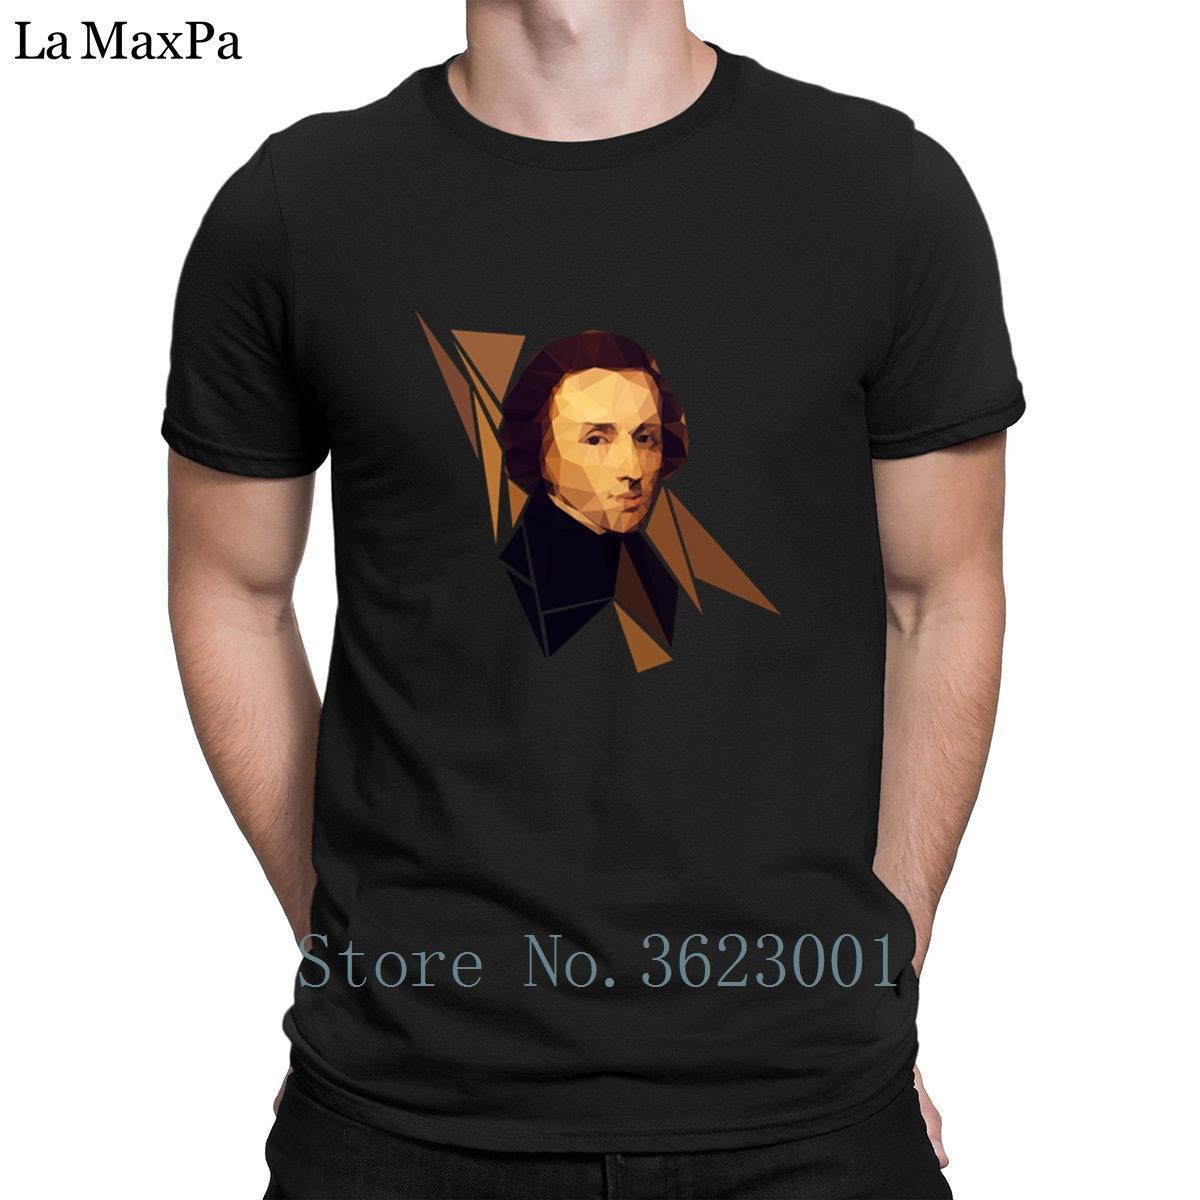 Compre Playeras Con Estampado De Camisetas Playera Con Camisetas De  Frederic Chopin Playera Con Diseño De Color Sólido Para Hombres Playera Con  Estampado De ... a5a965b5a97f4